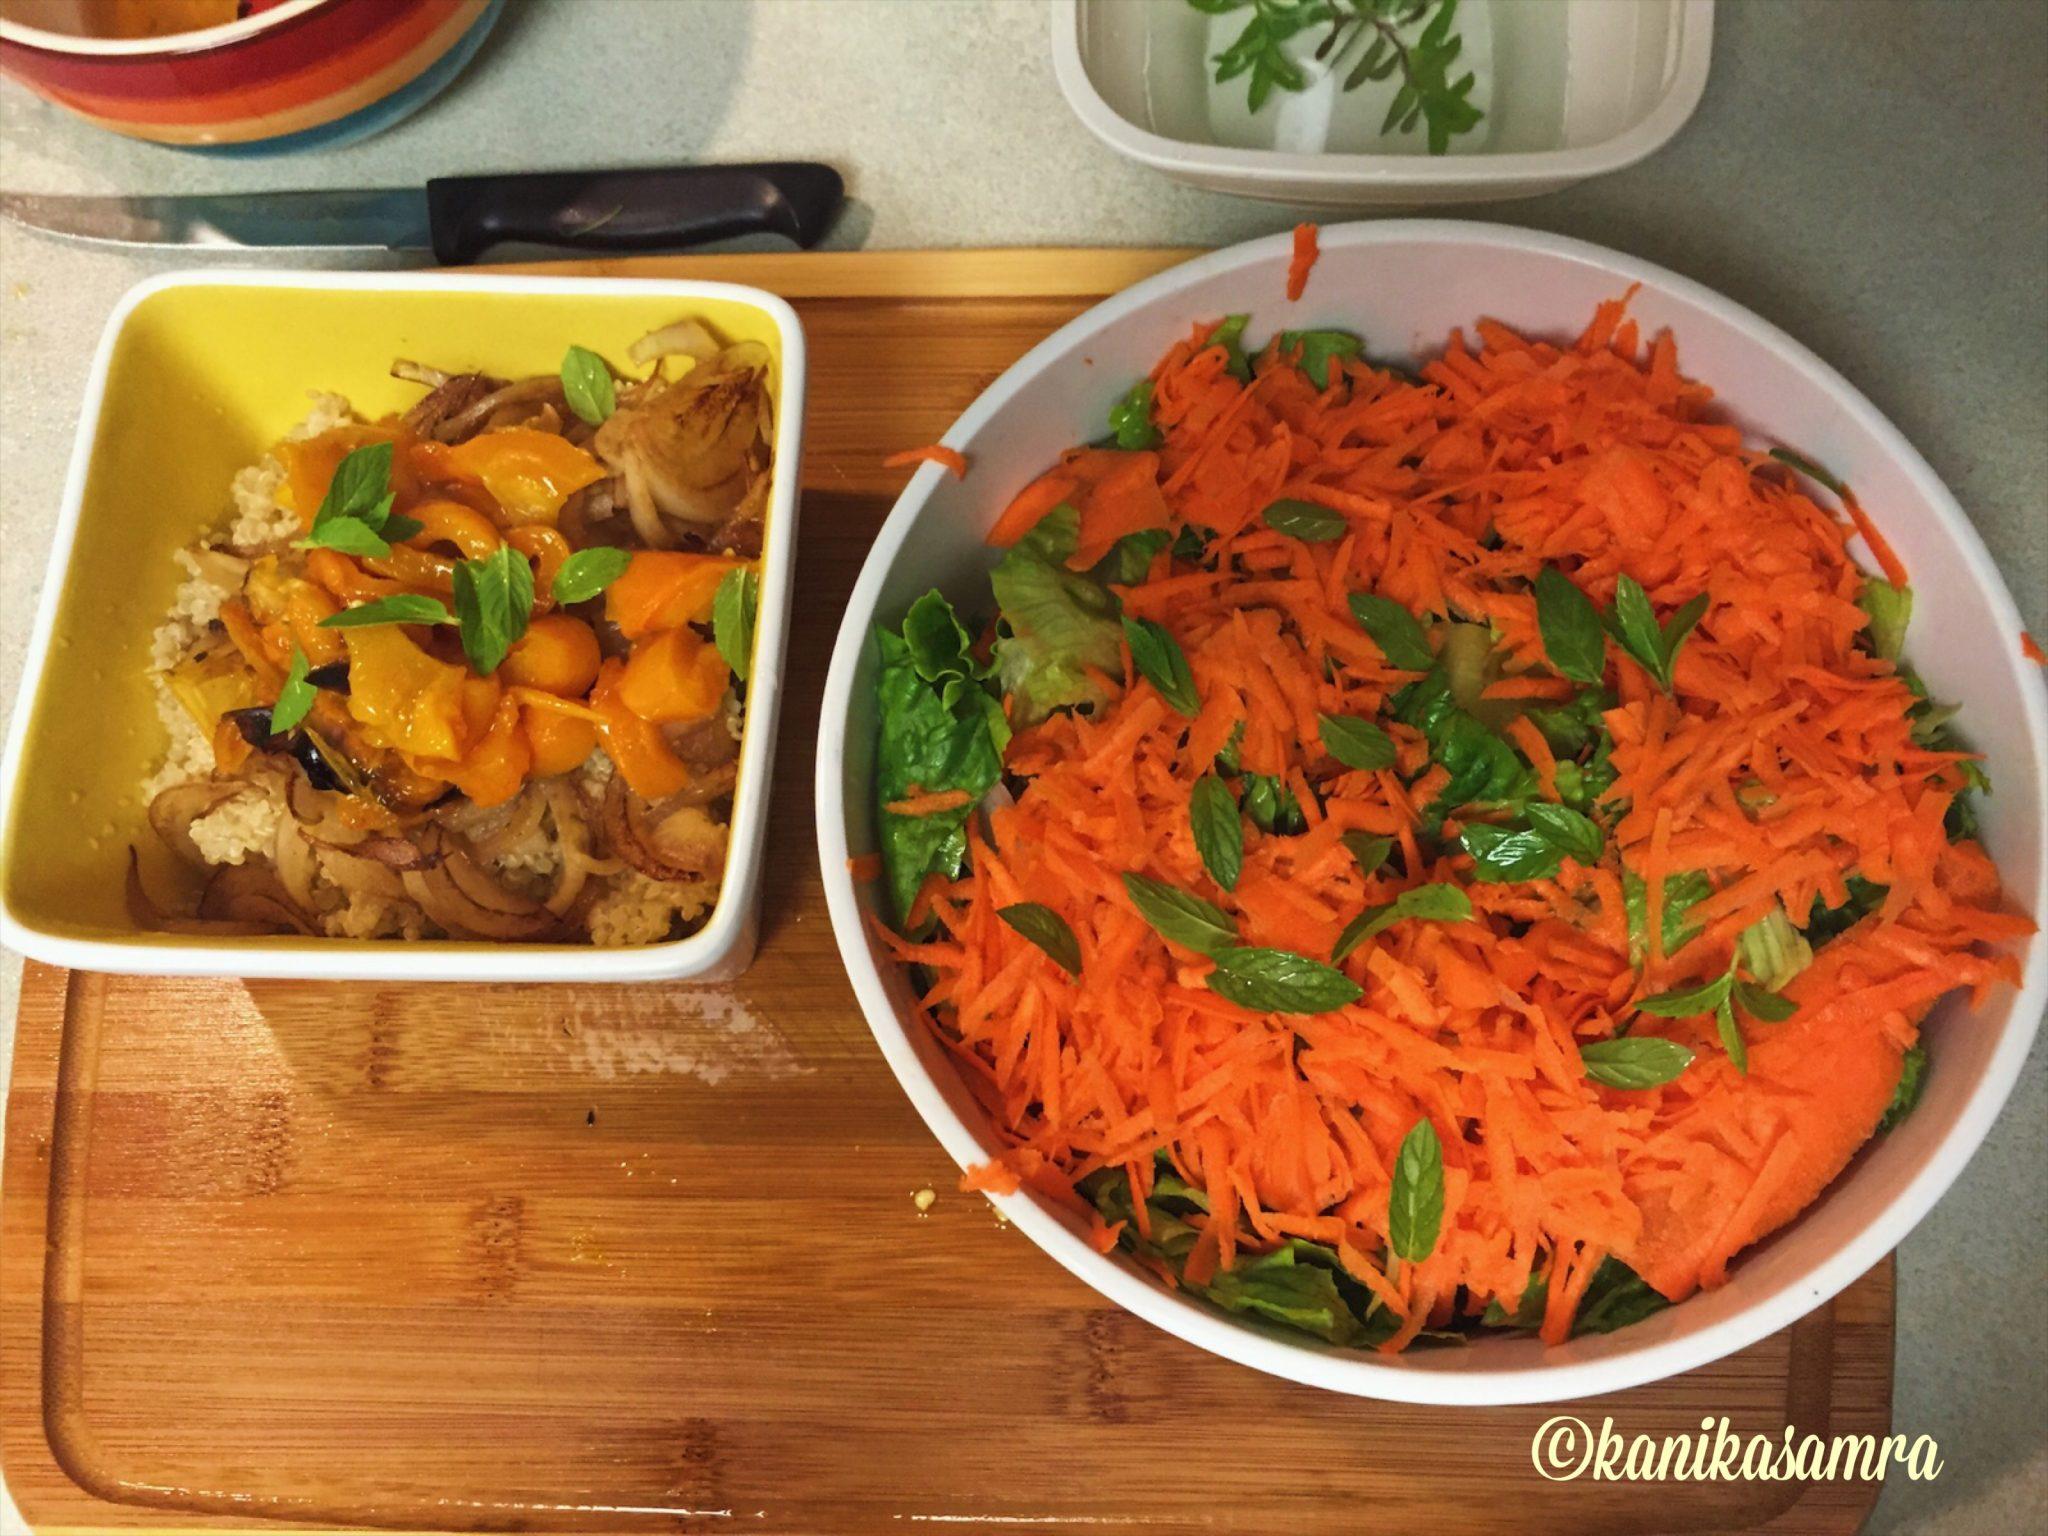 Quinoa and Salad